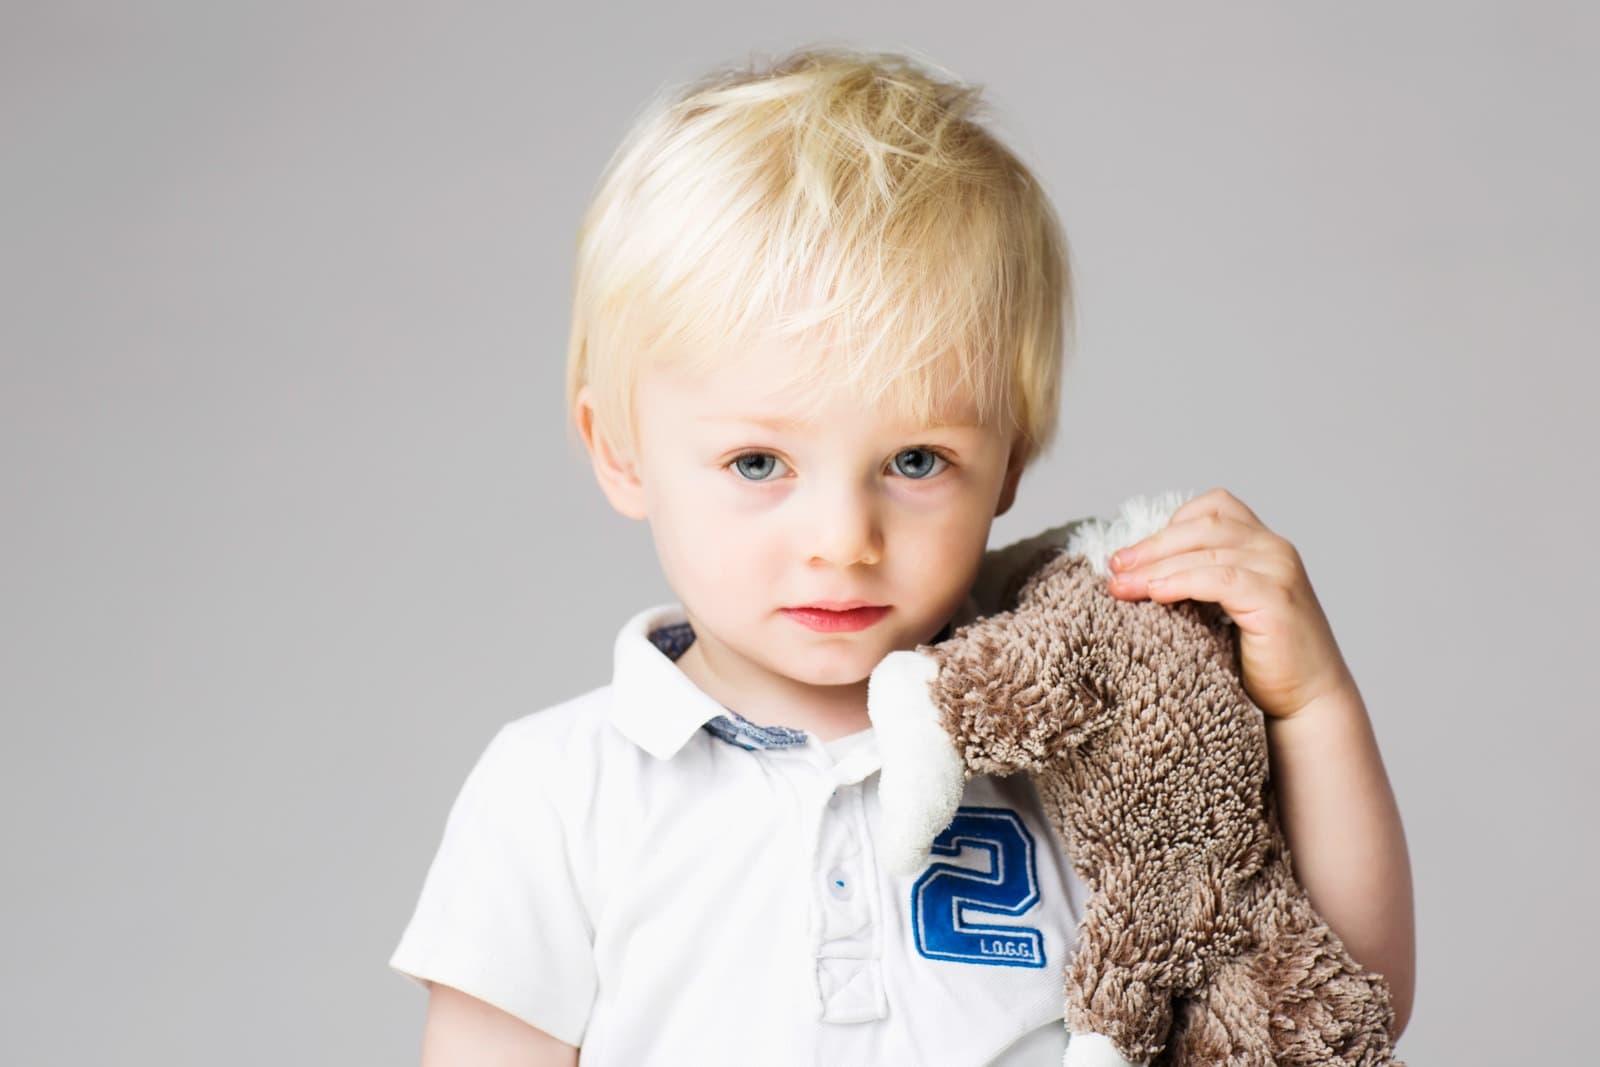 Fotografering af børn